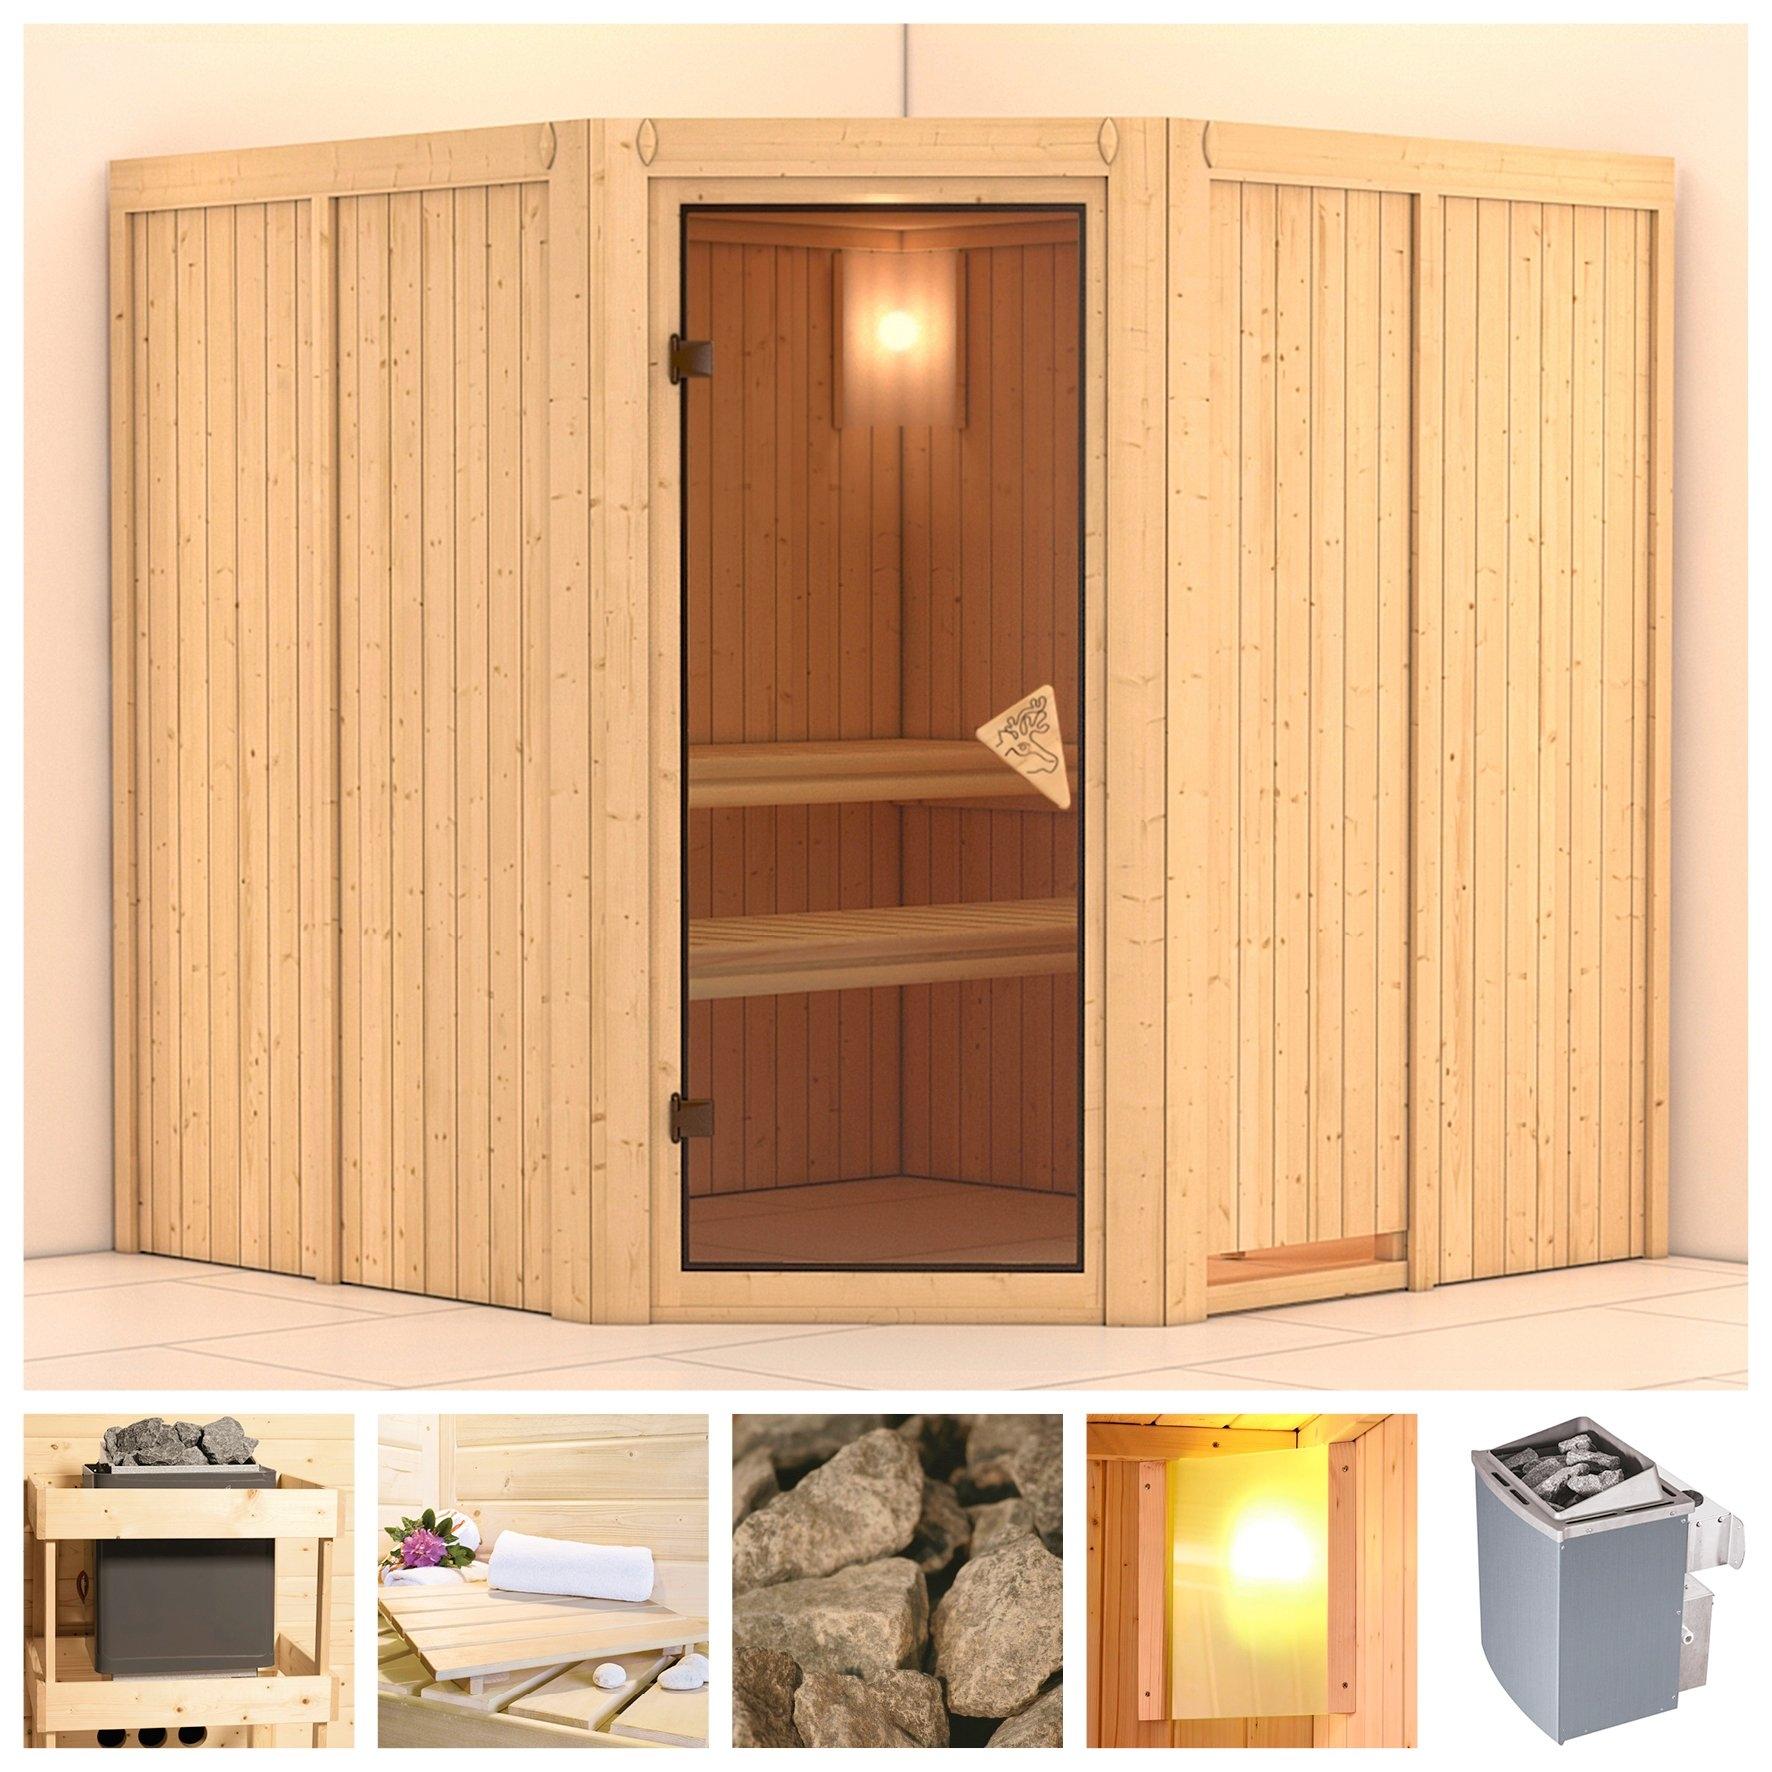 KONIFERA sauna »Jarin«, 196/196/198 cm, 68 mm, 9-kW-Ofen mit int. Steuerung bij OTTO online kopen